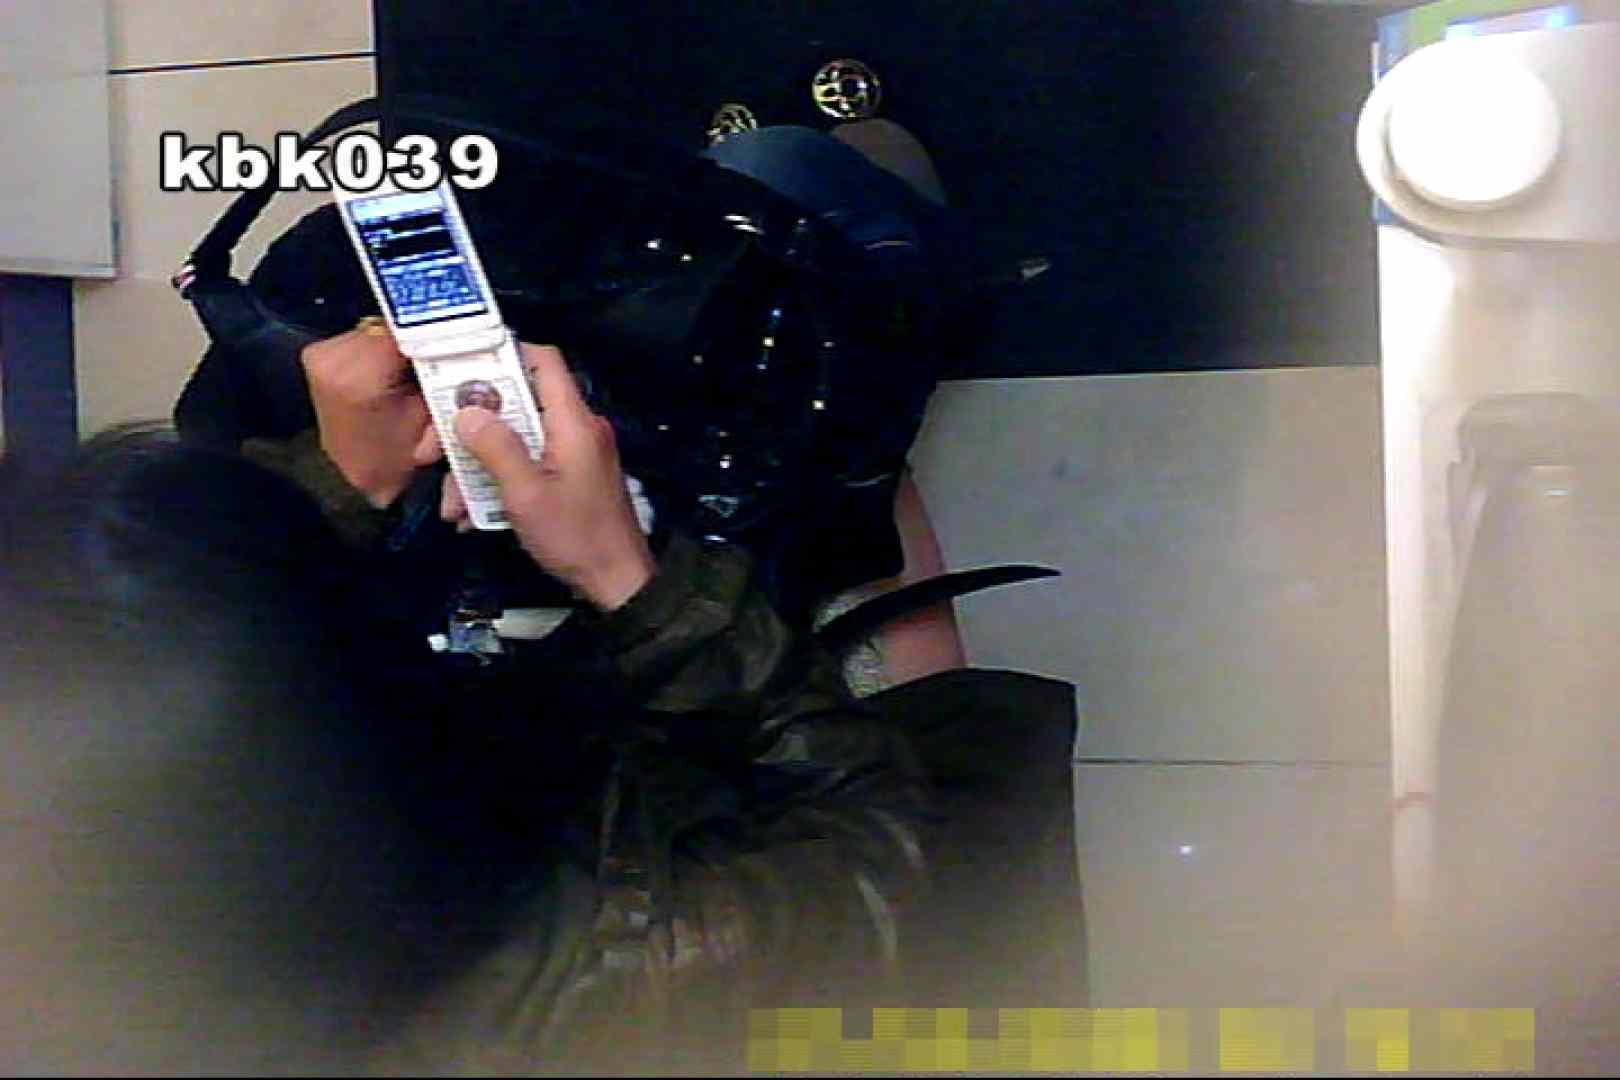 巨乳 乳首:大切なことなので違う角度から2度眺めてみた vol.039:怪盗ジョーカー